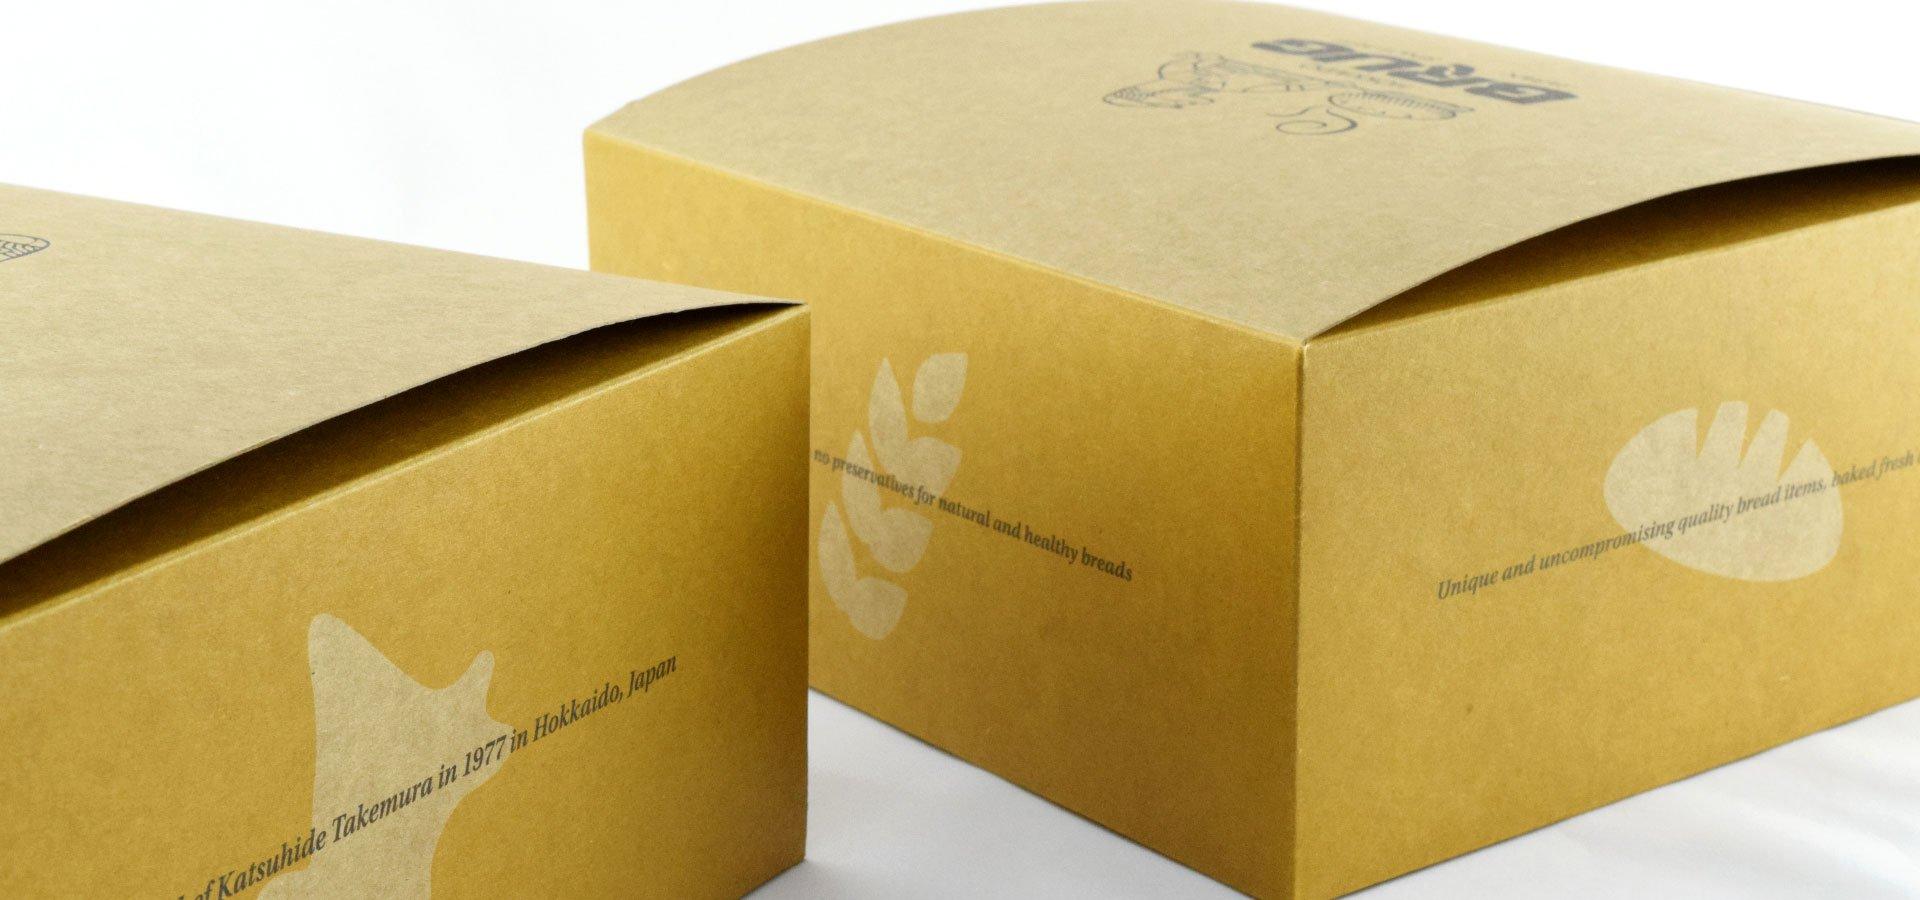 brug_packagebox_title-web